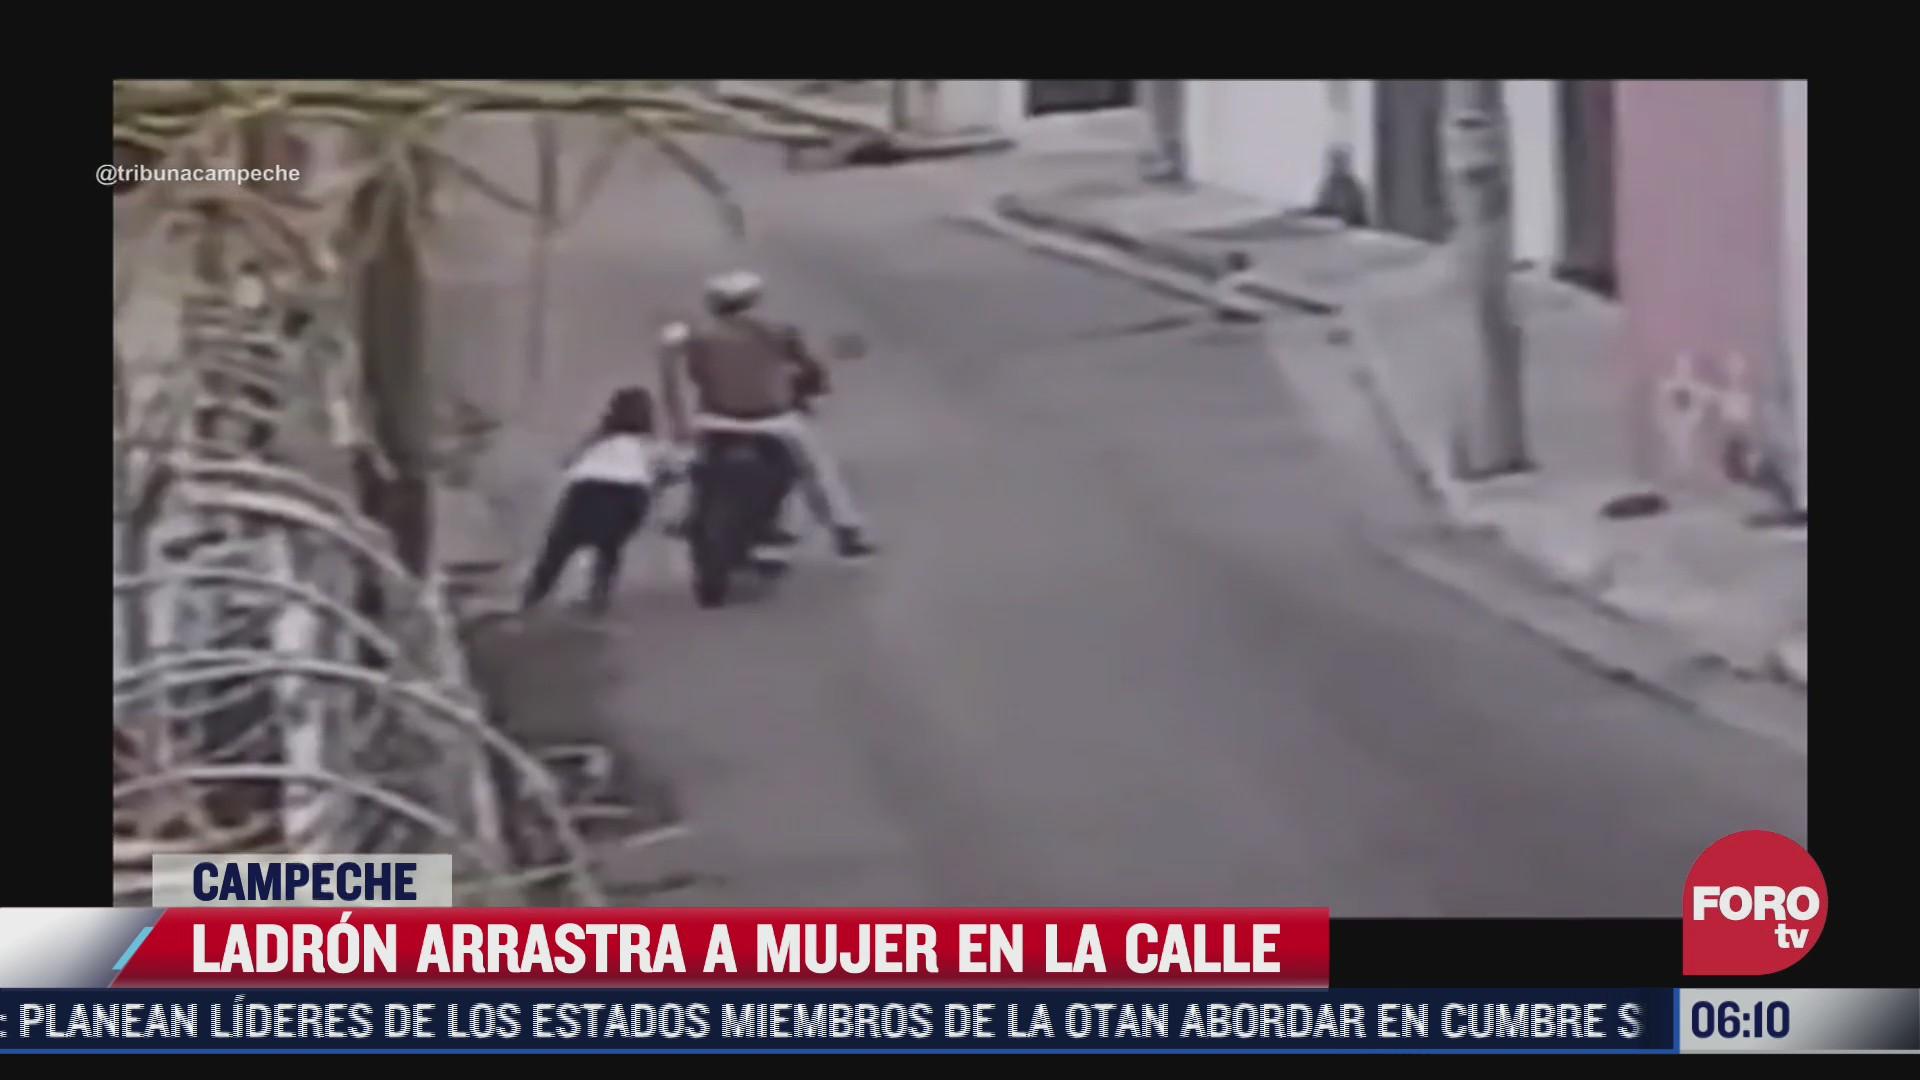 ladron arrastra a mujer para robarle su bolsa en calles de campeche